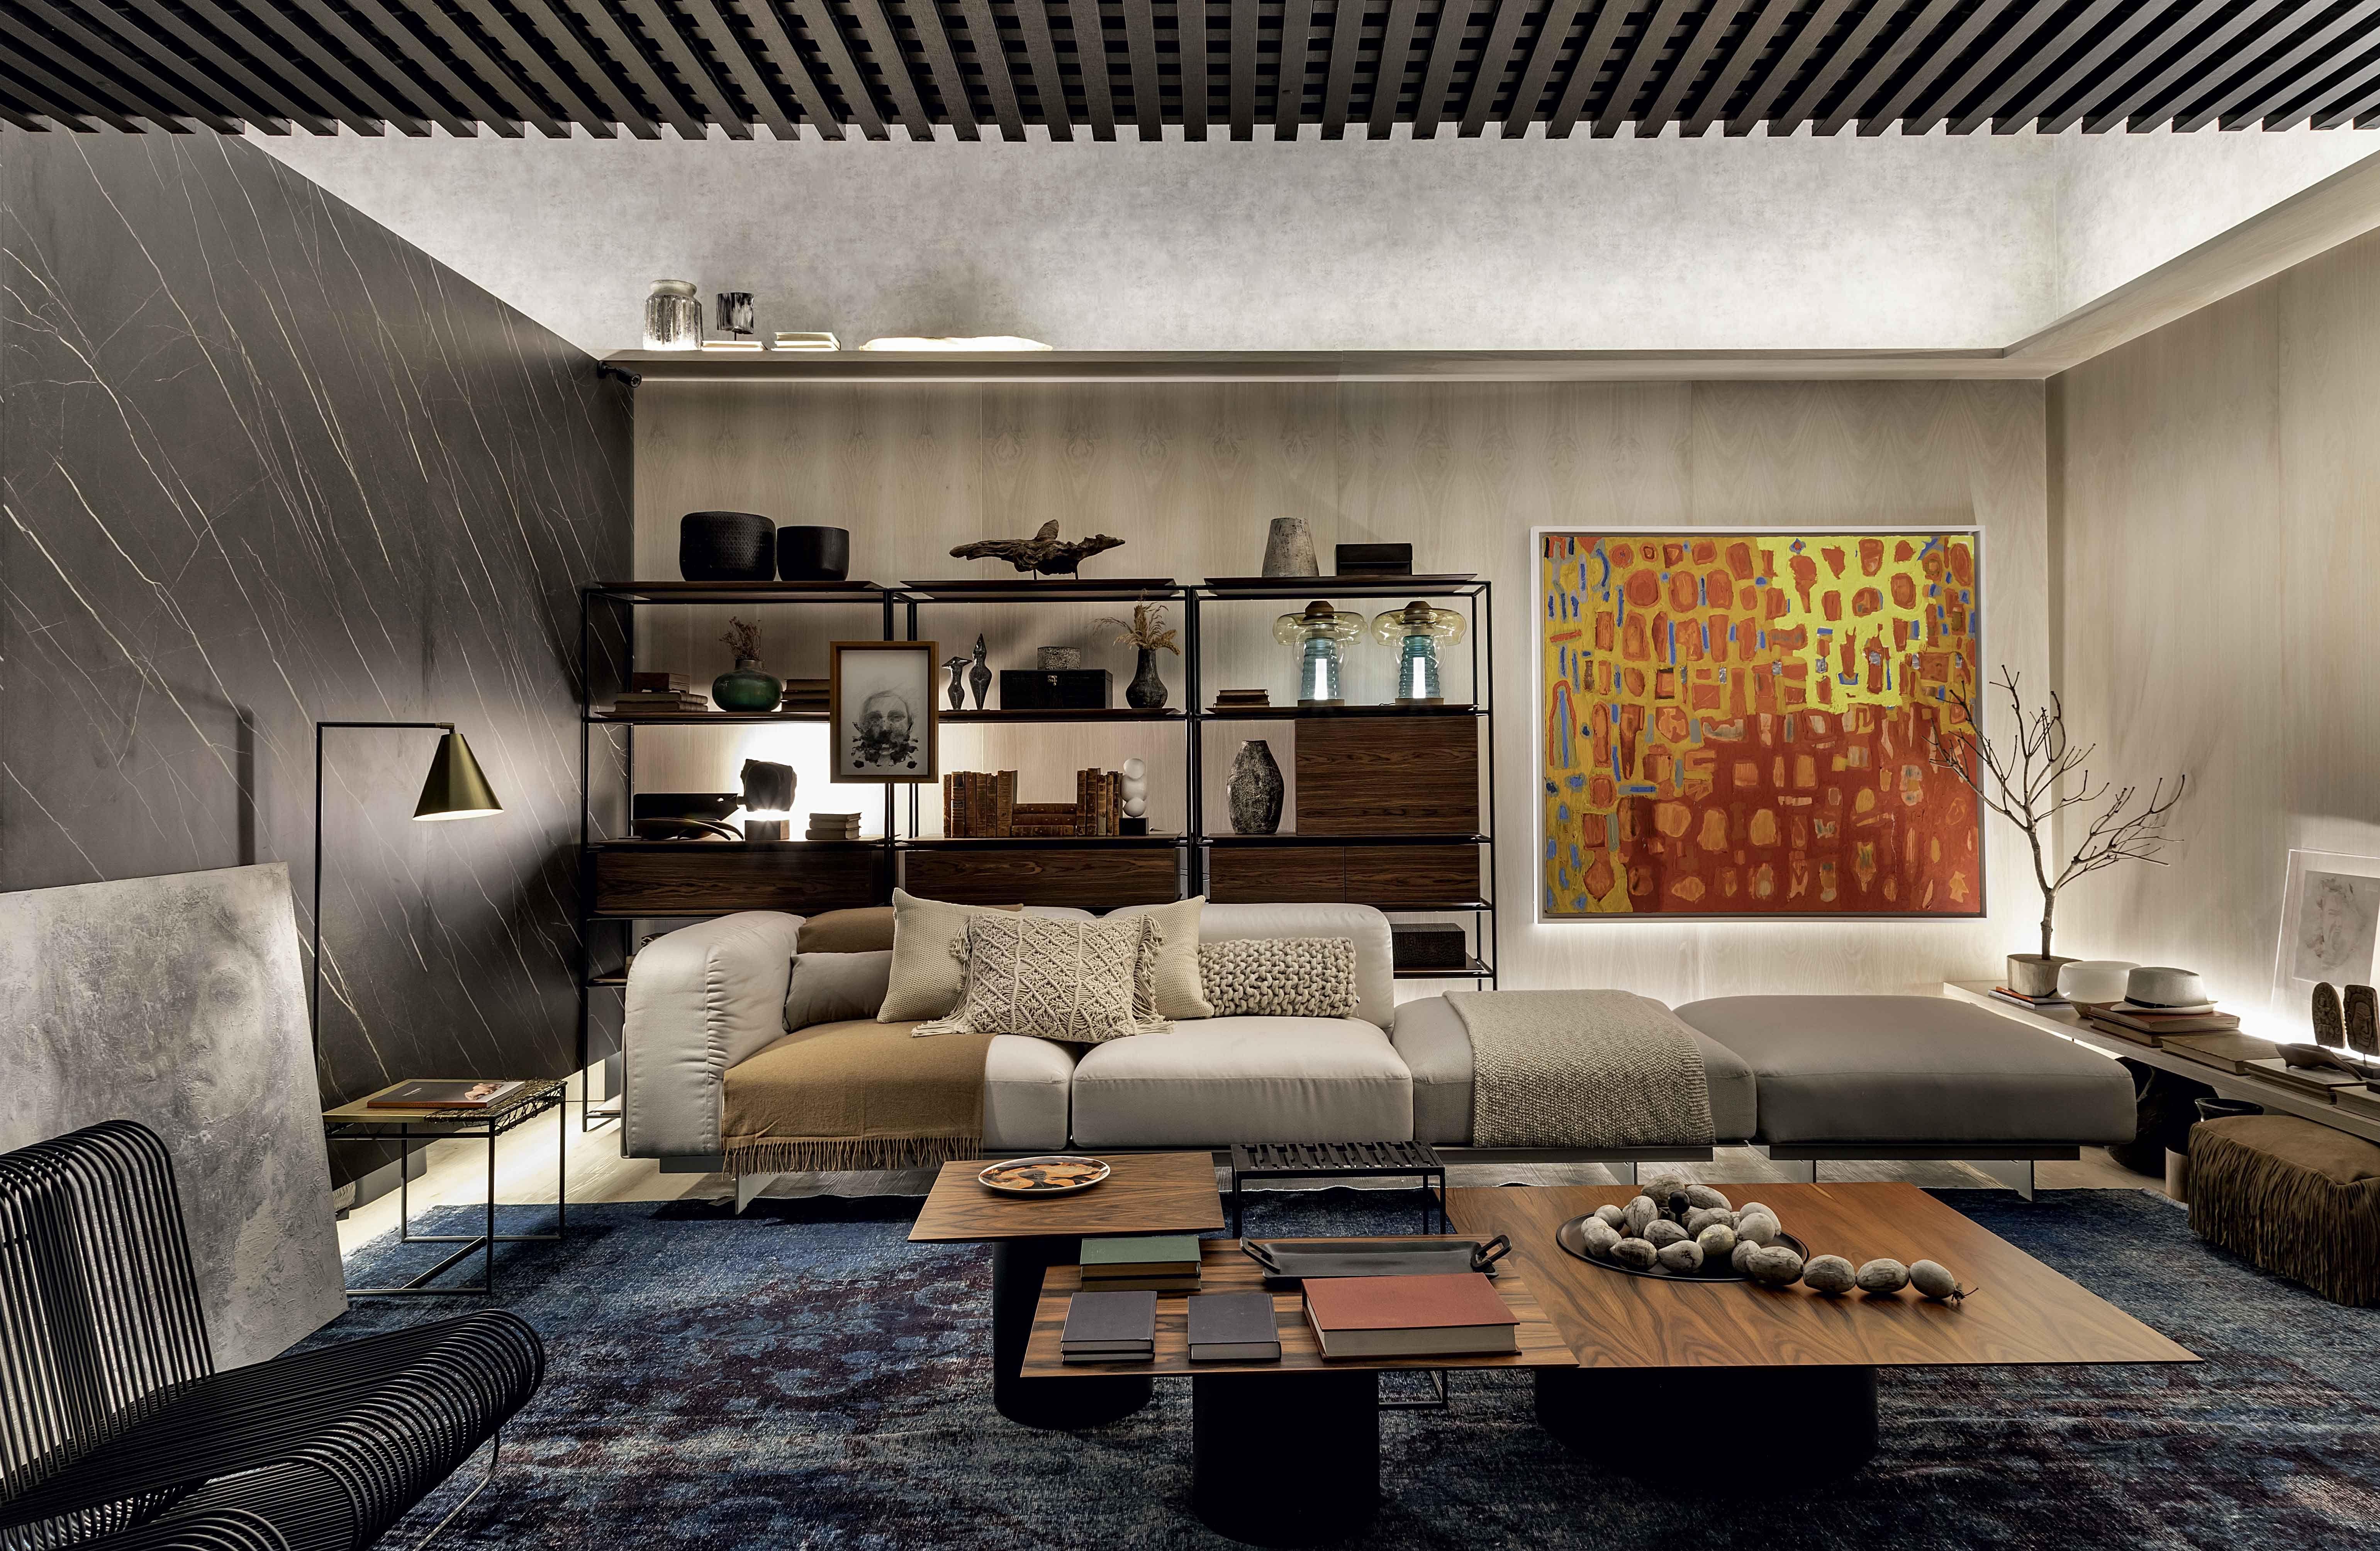 Sala com cores aconchegantes e decorada para o inverno